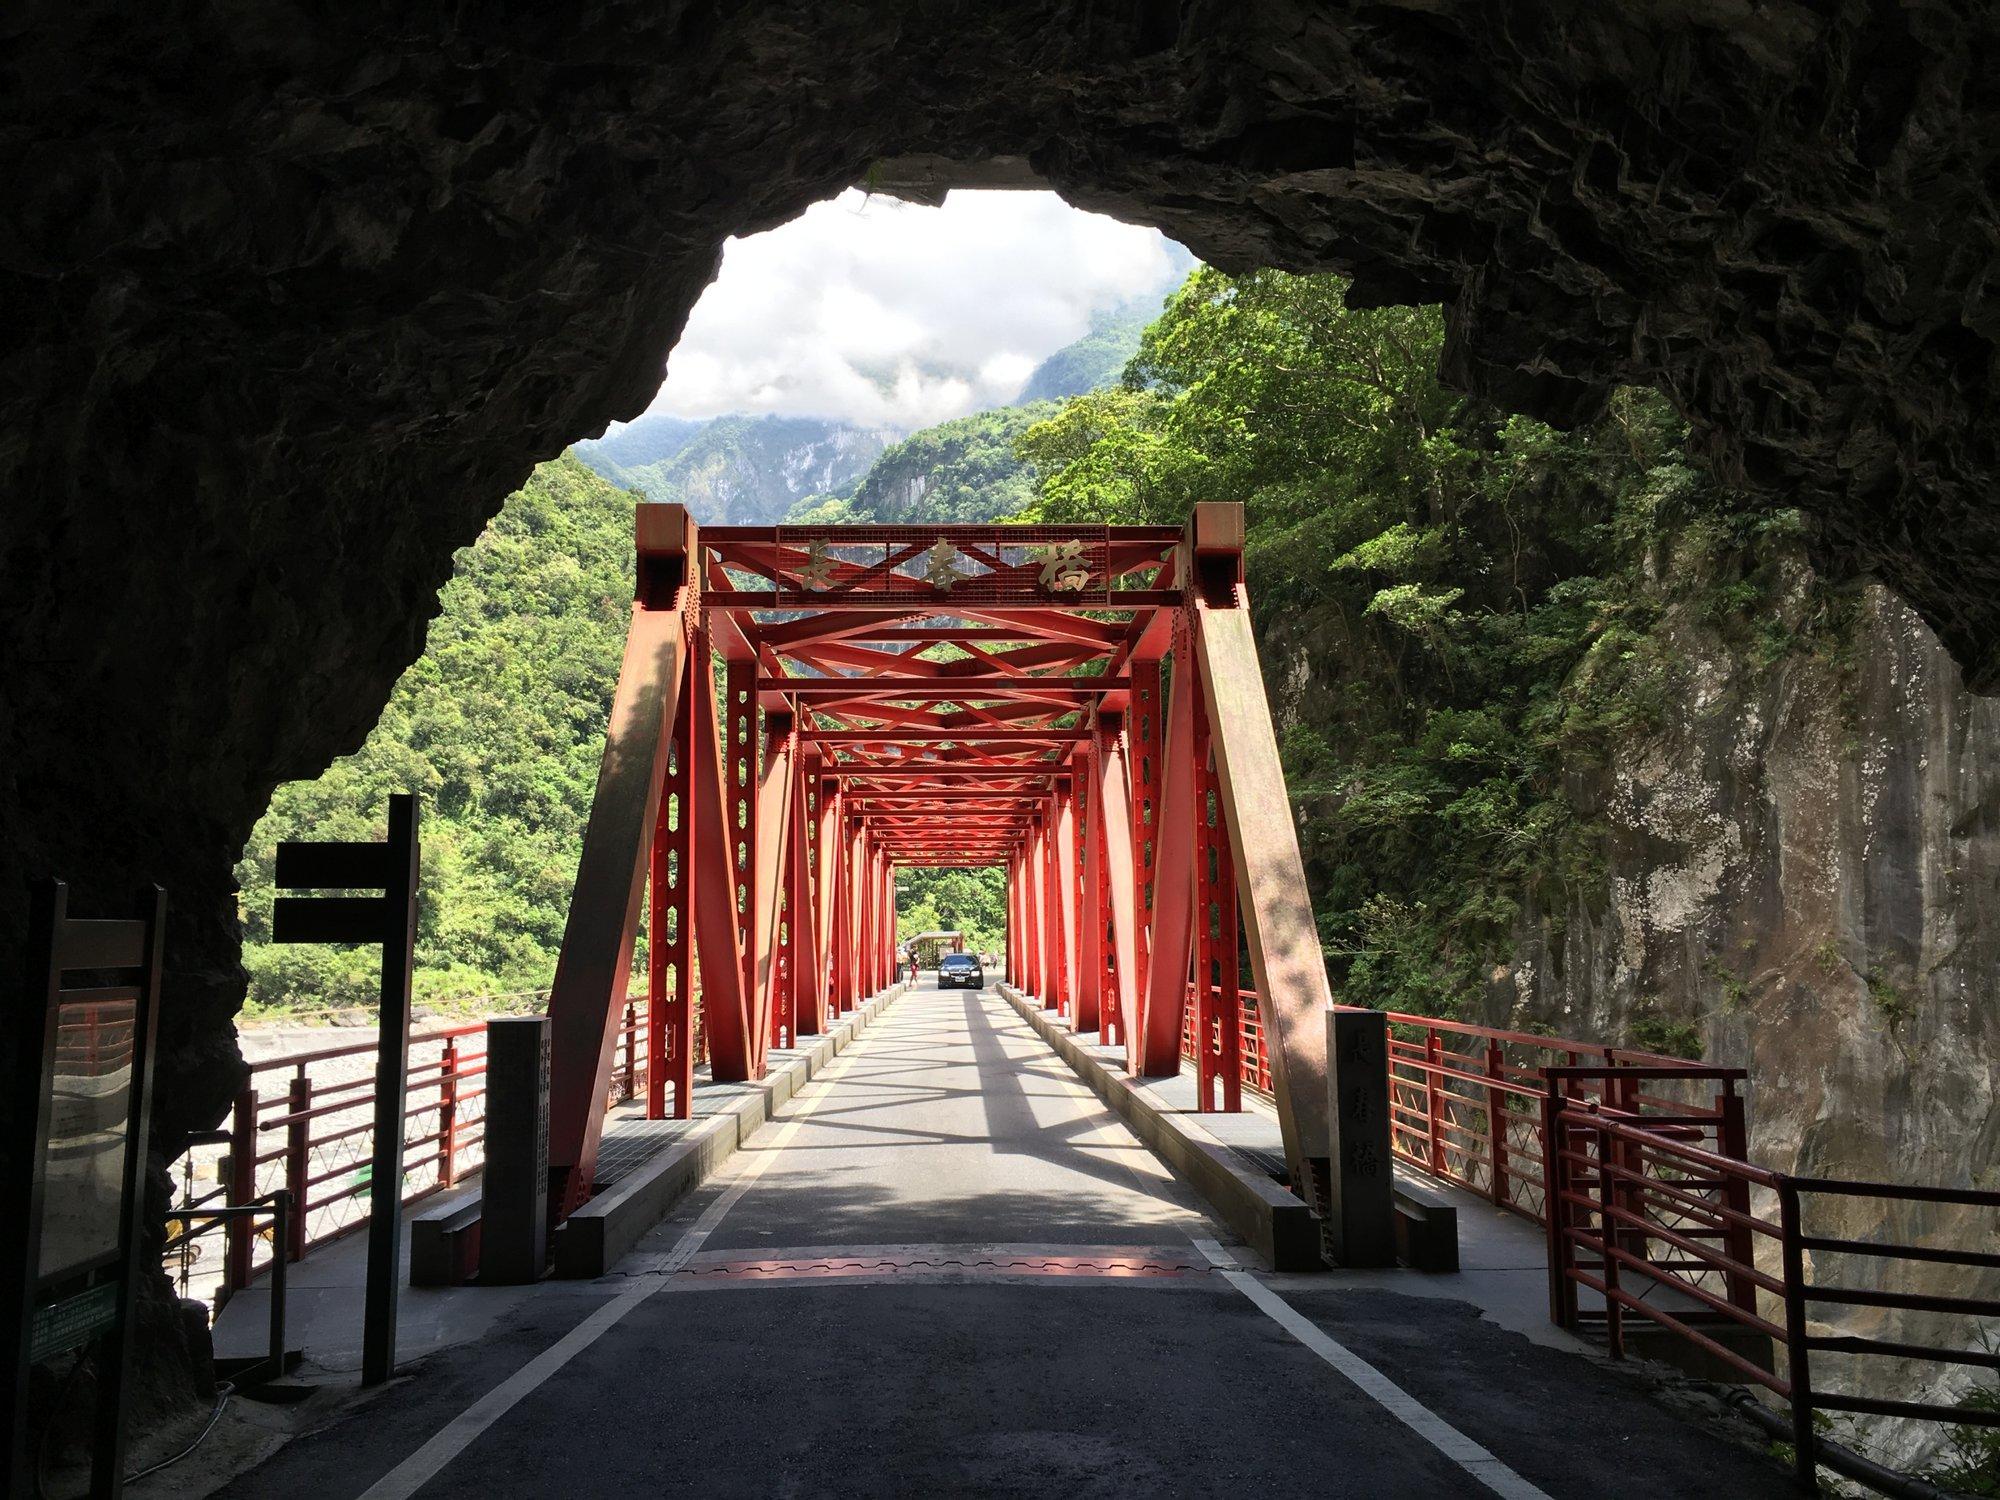 cesty jsou zde občas velice úzké, plné tunelů, mostů a zatáček